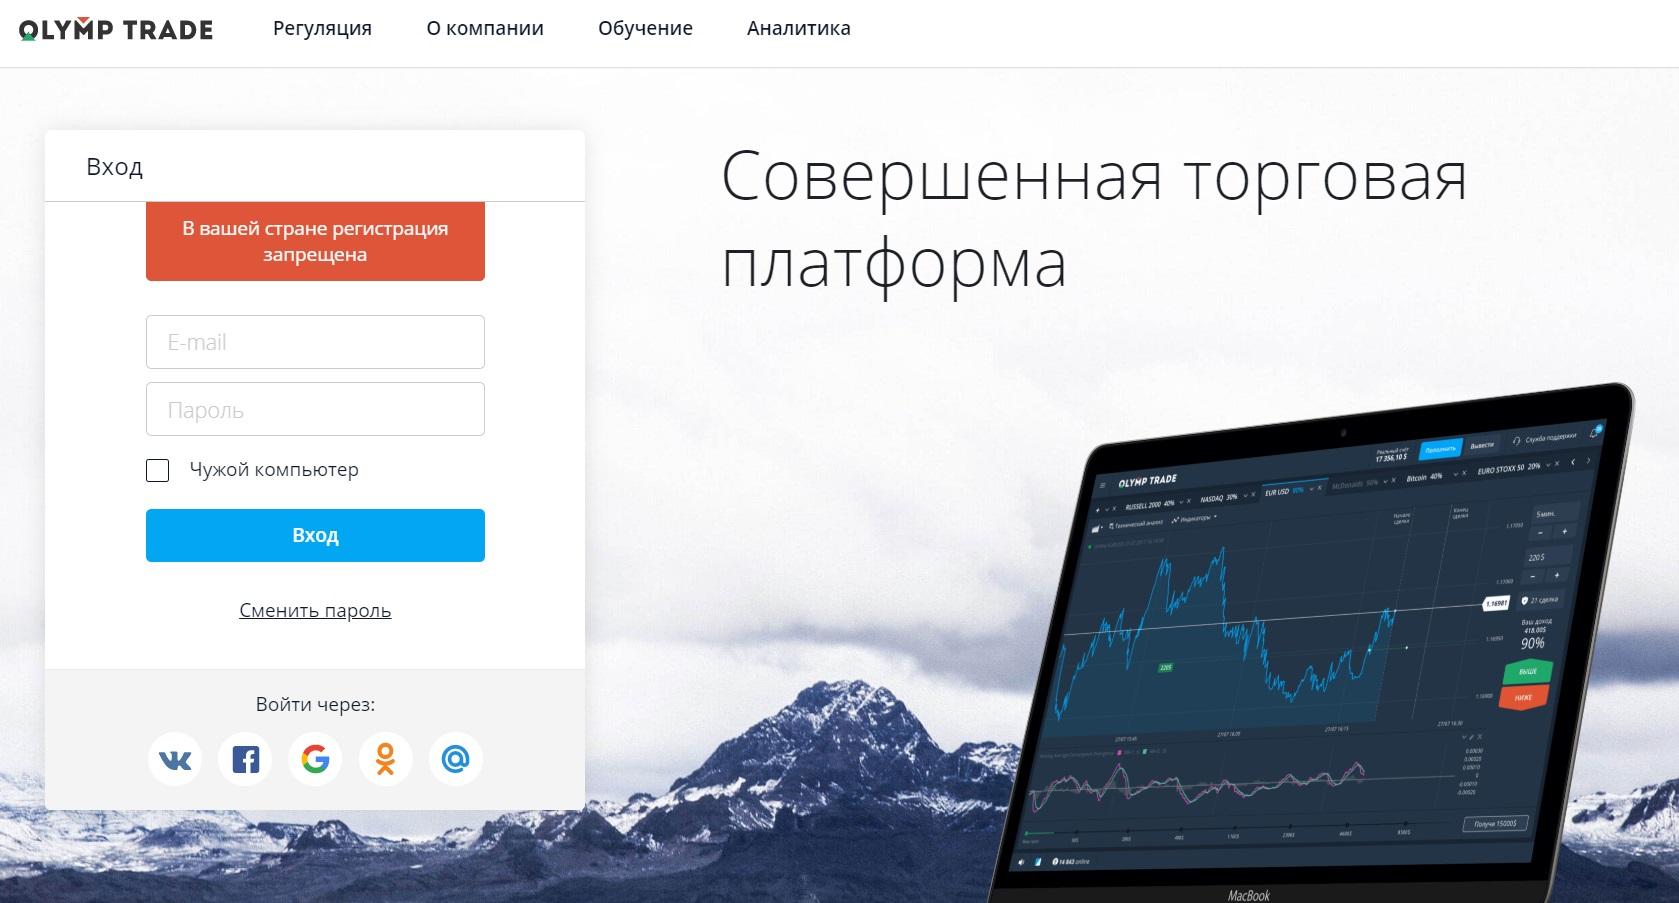 Брокер форекс обзор скачать скрипт кран биткоинов